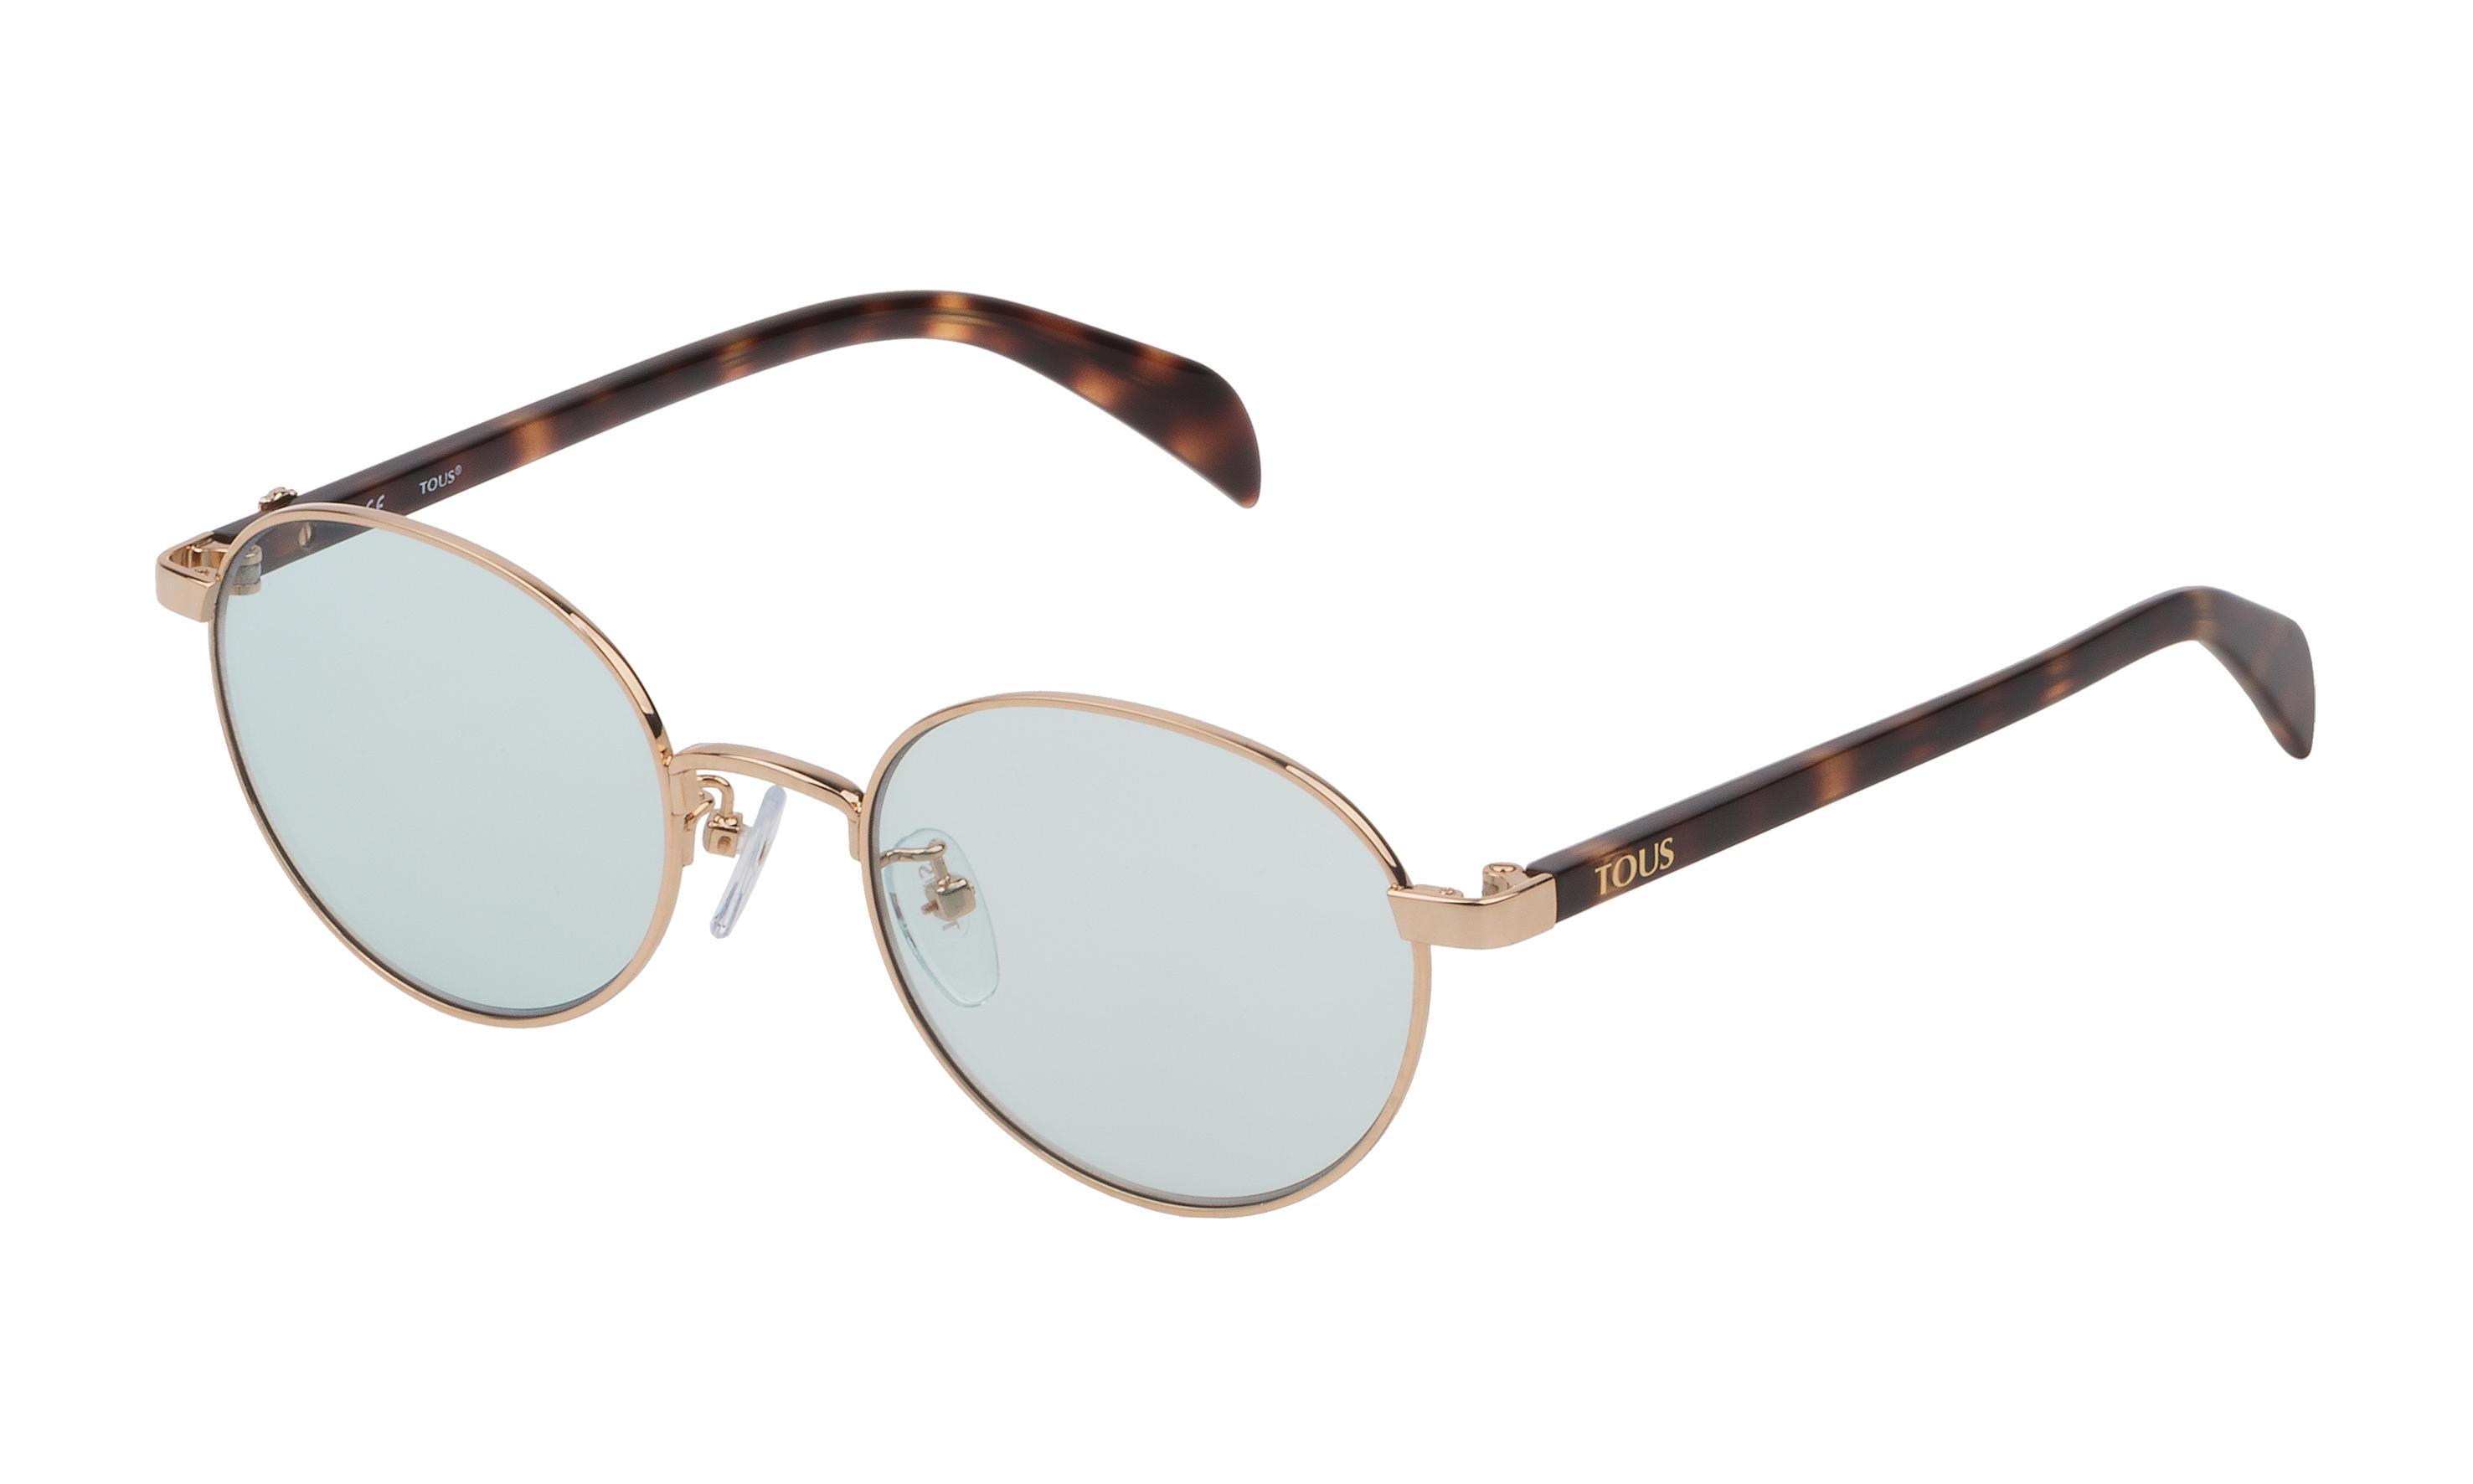 TOUS STO 393 0300  Gafas de sol Mujer